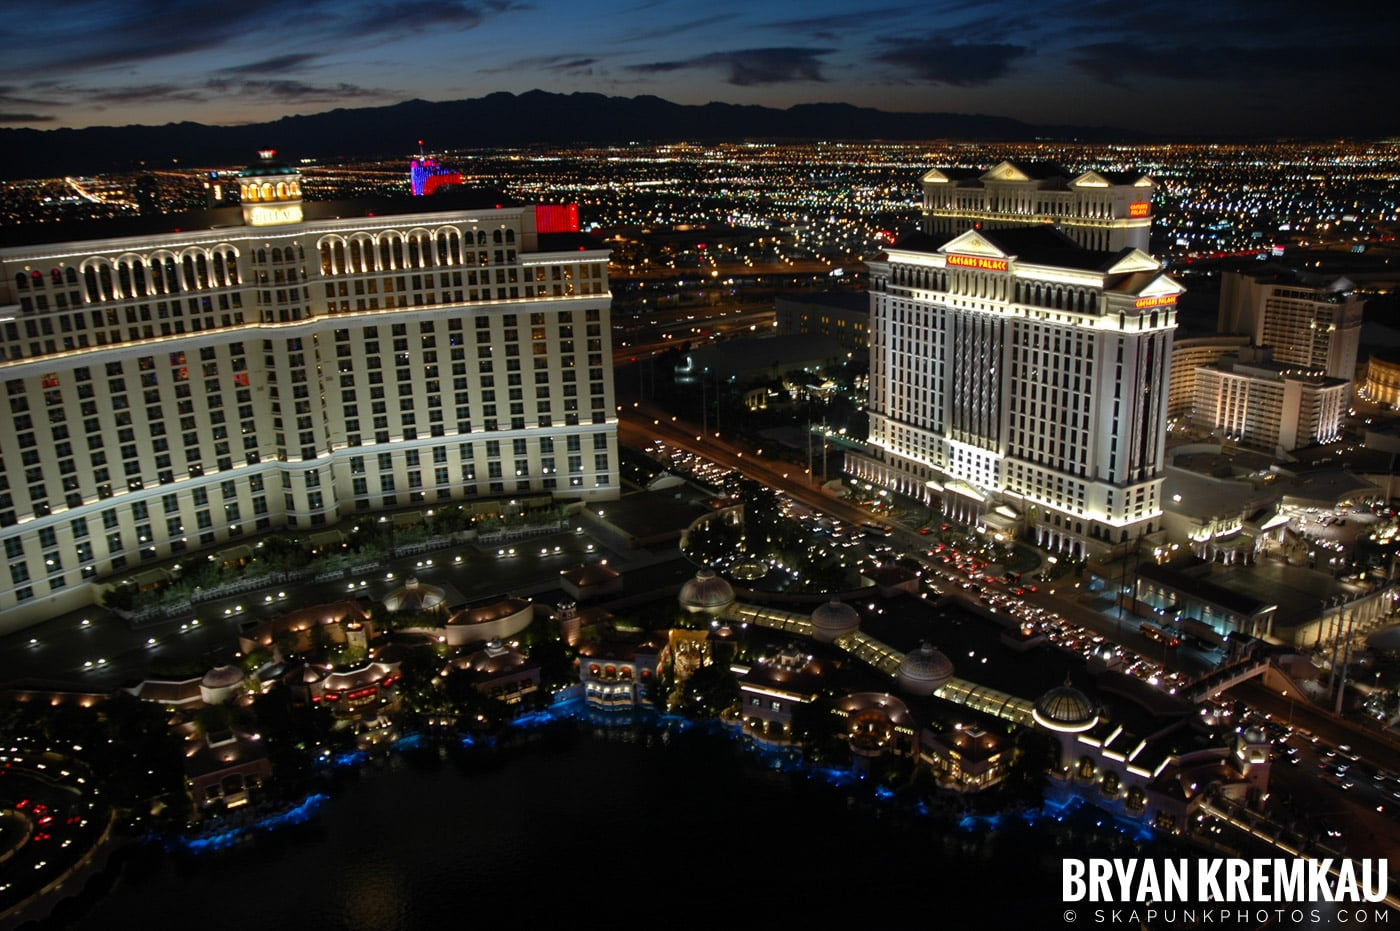 Las Vegas Vacation @ Las Vegas, NV - 10.21.05 - 10.23.05 (34)